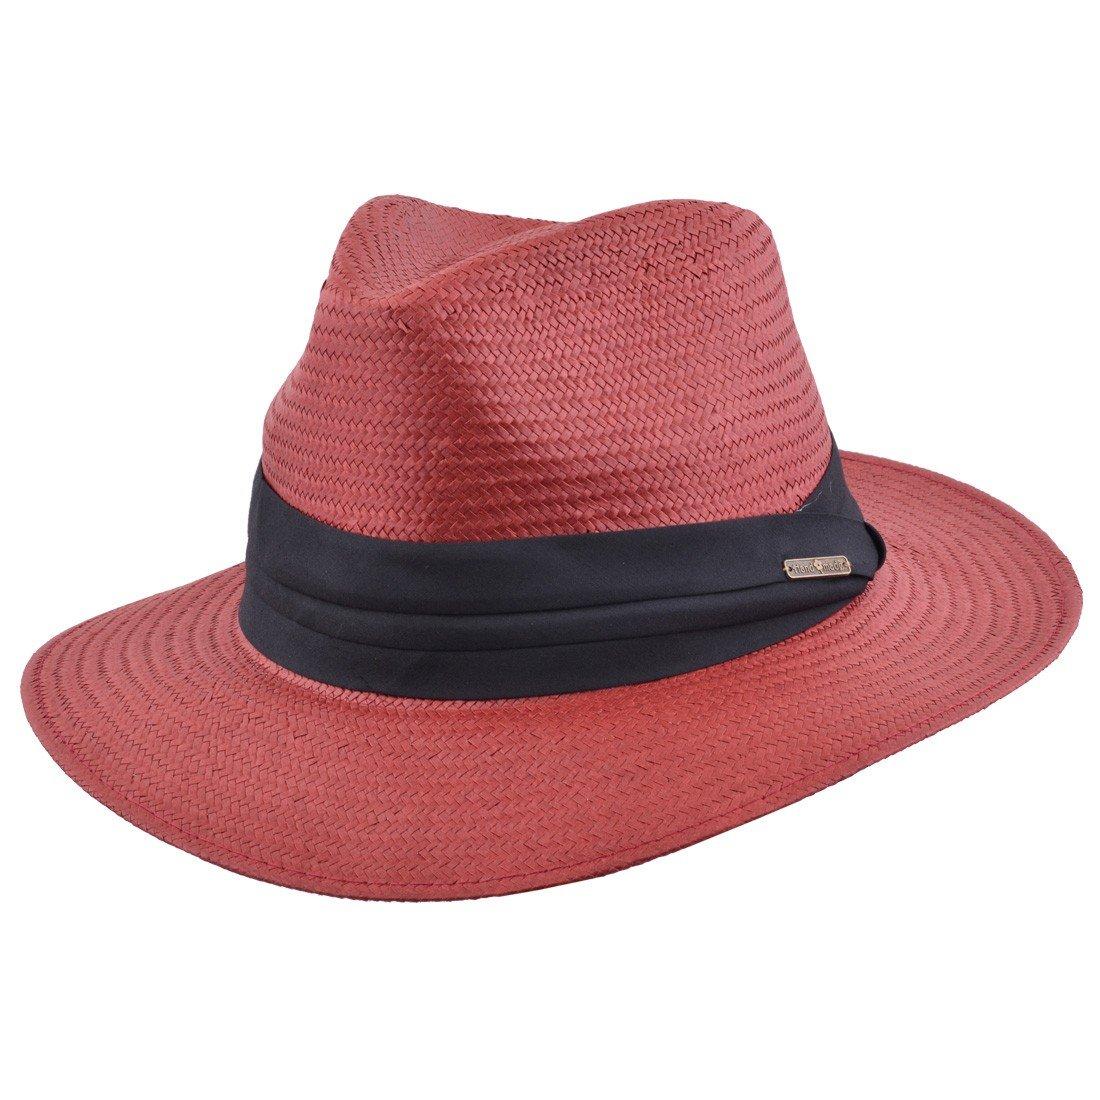 MAZ Unisex Paper Straw Crushable Foldable Summer Panama Fedora Hat with Band and Adjustable Sweatband